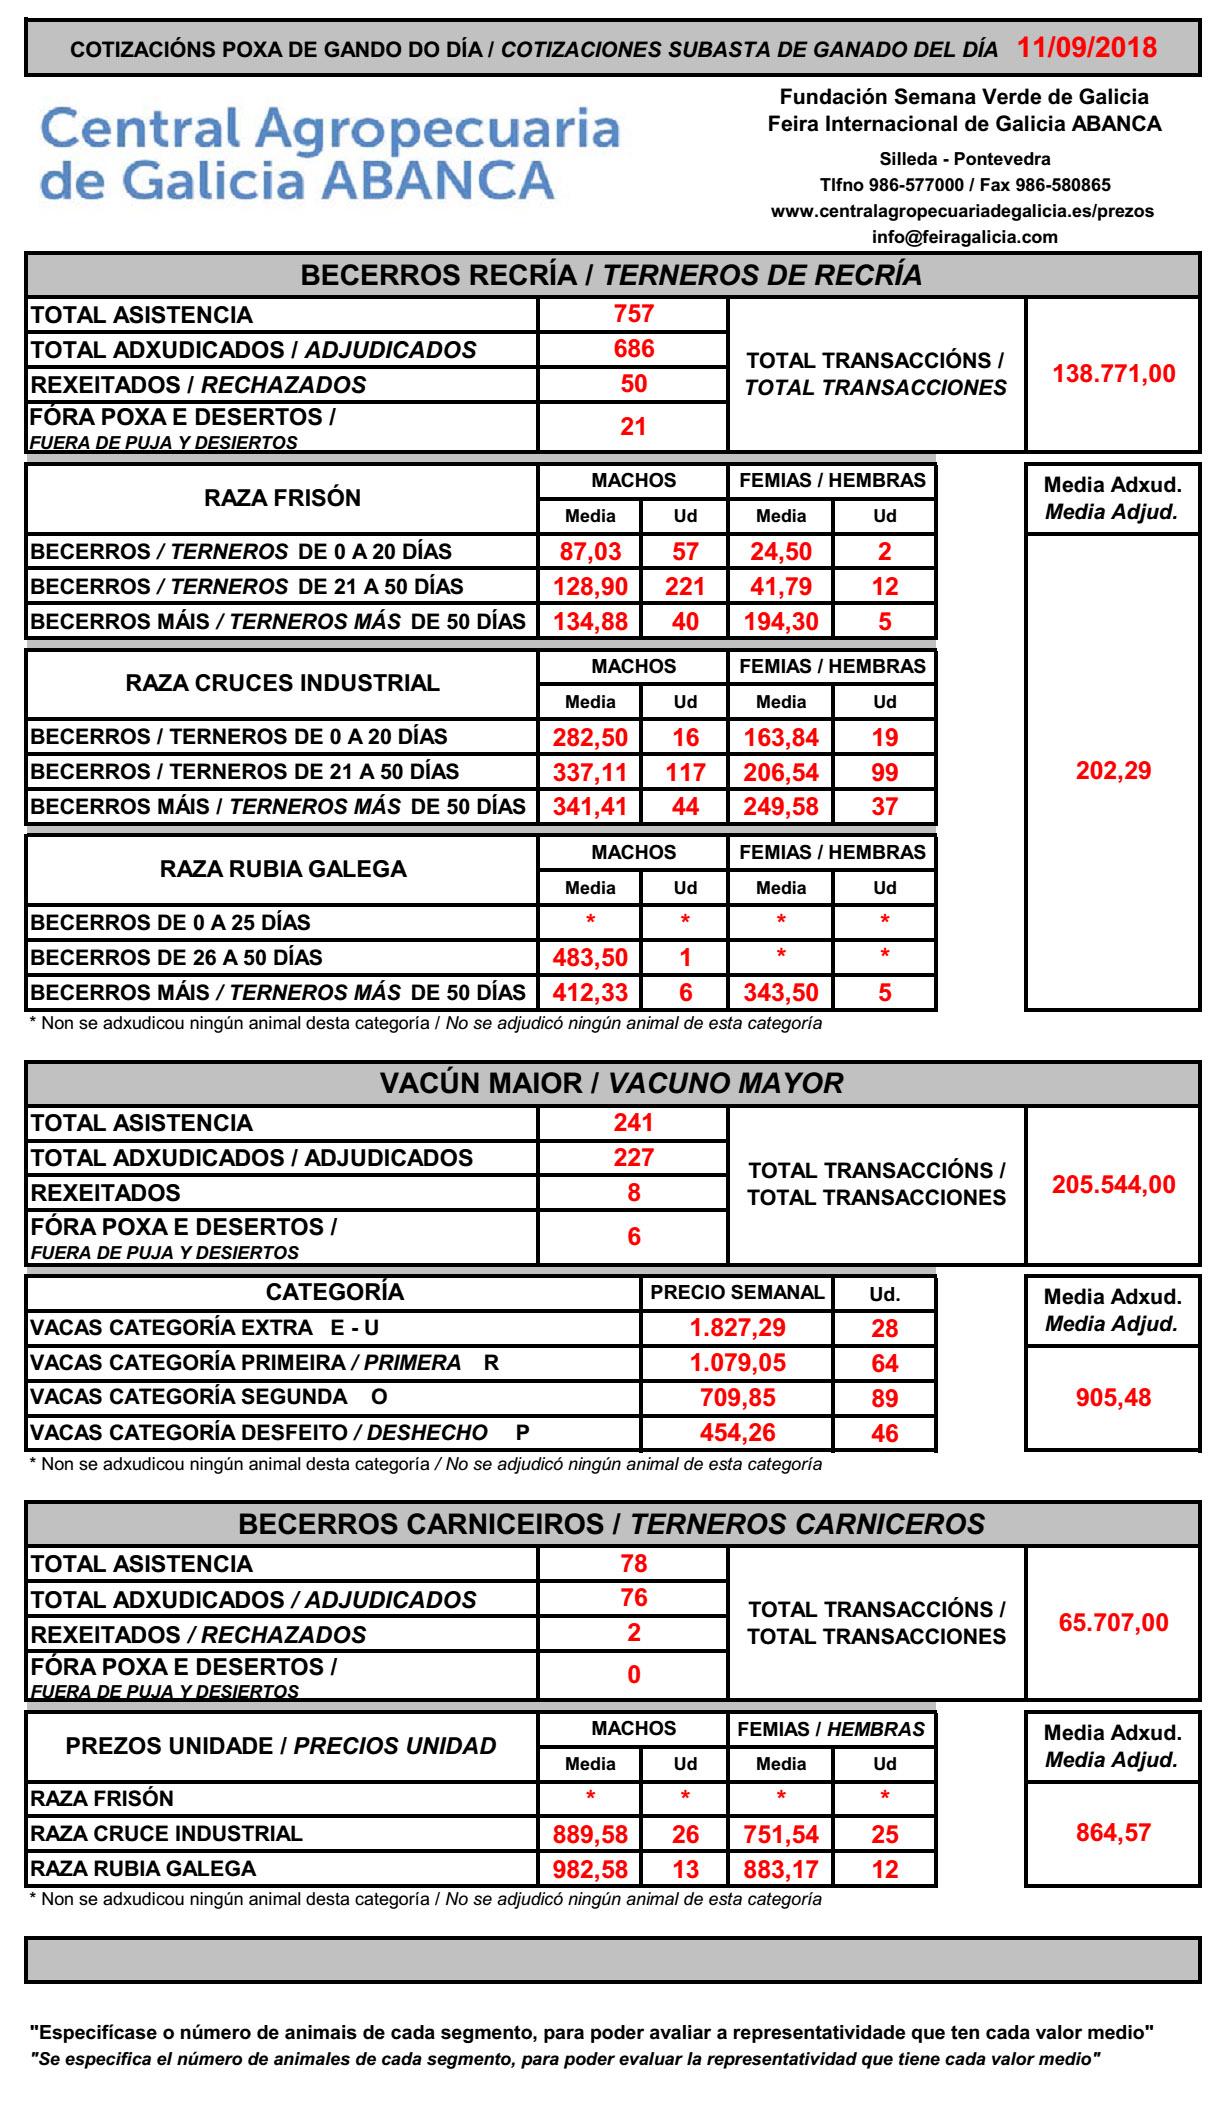 COTIZACIONS_SILLEDA_19_09_3_vacun